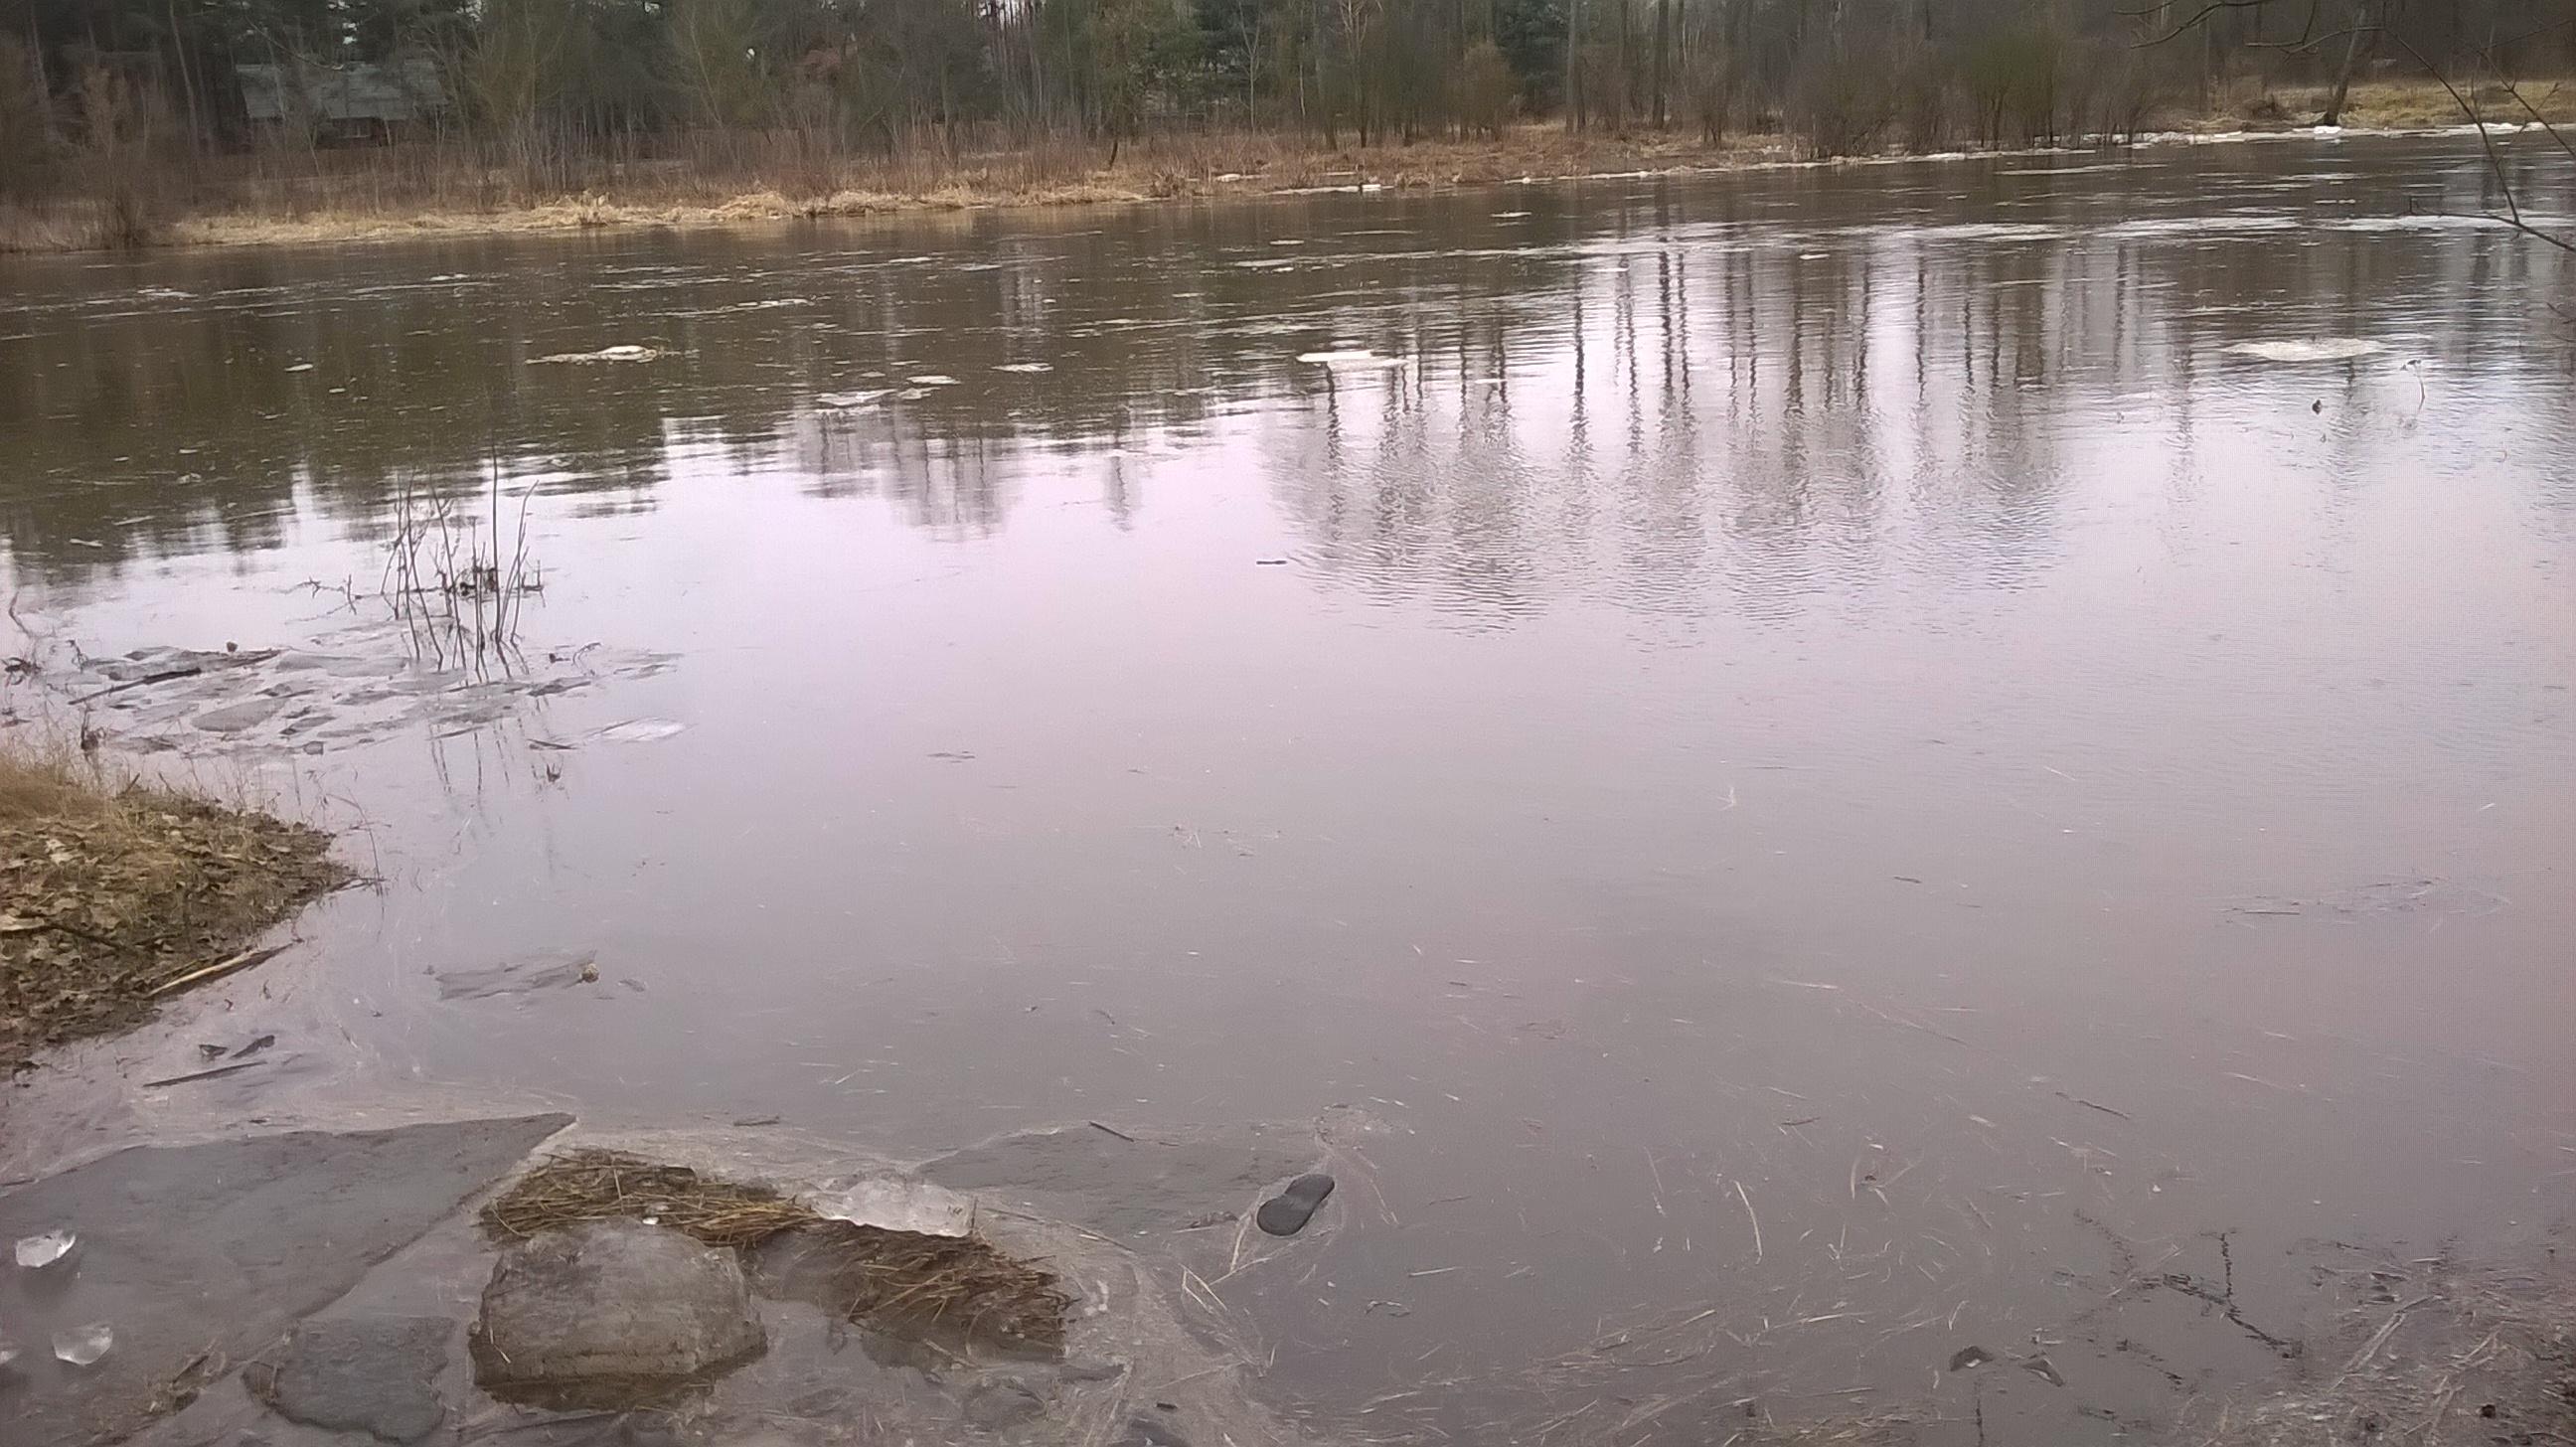 Rzeka Liwiec. Fot. Agata Dąmbska